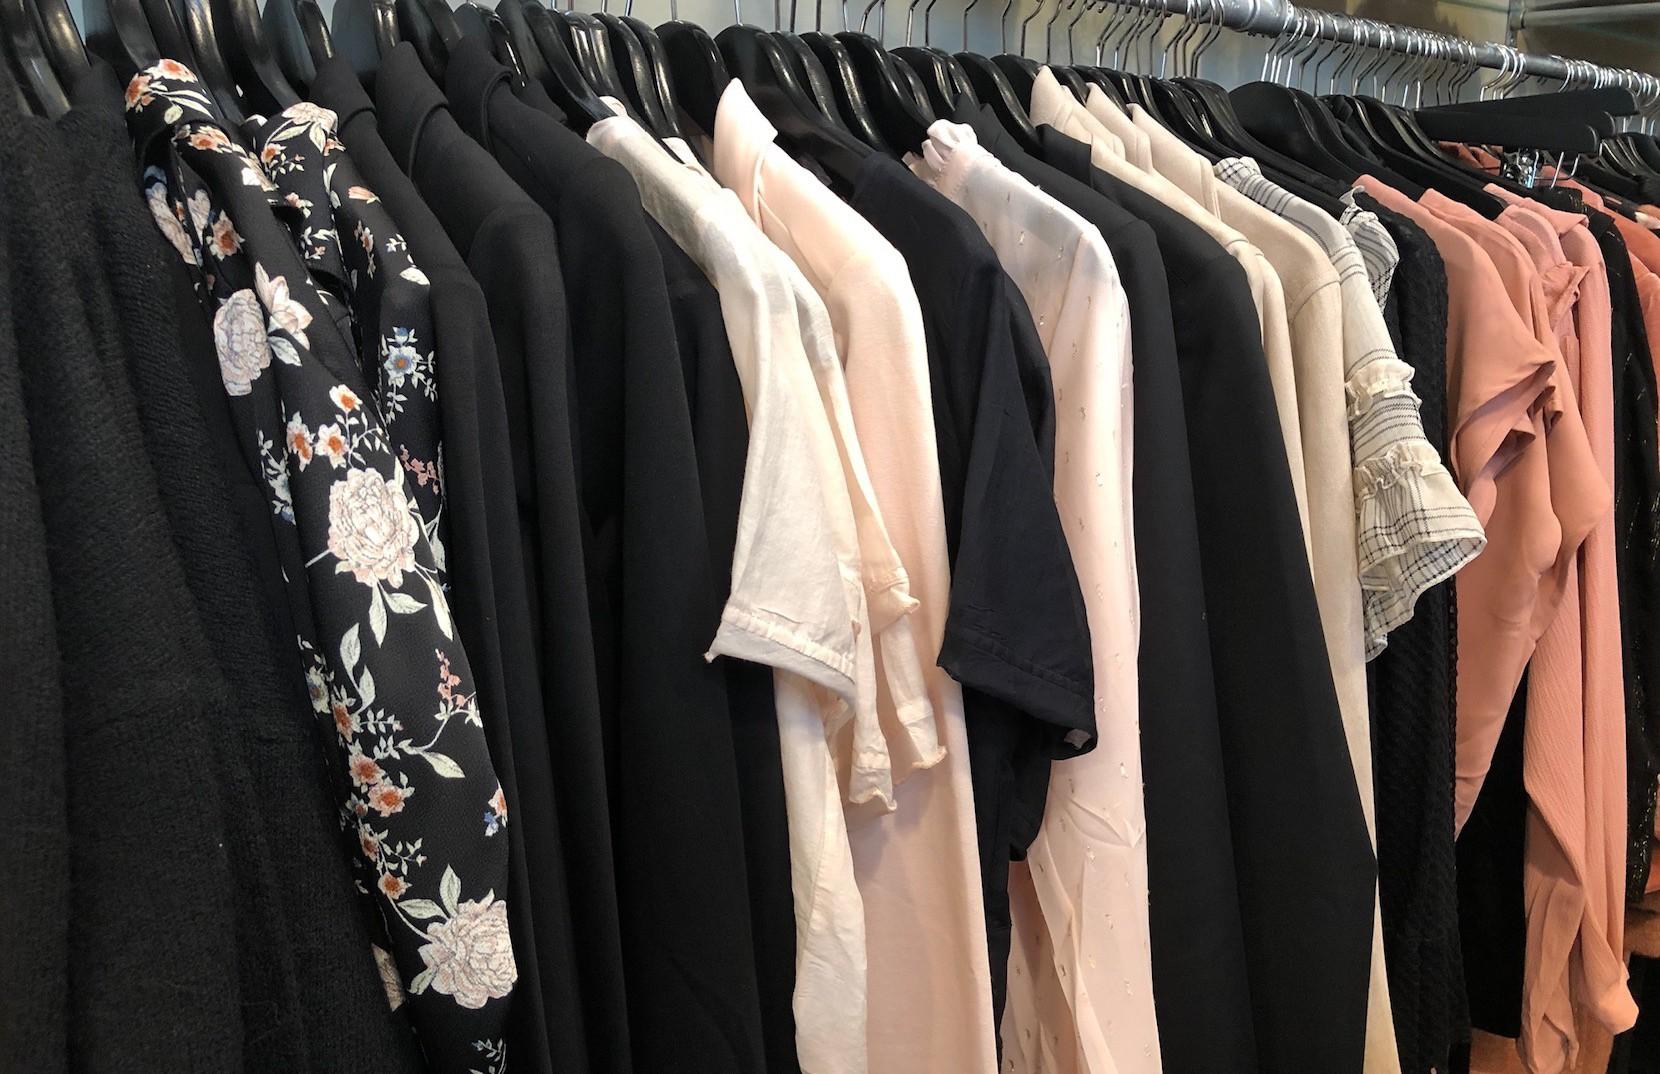 By Schøn i Aalborg sælger modetøj til kvinder